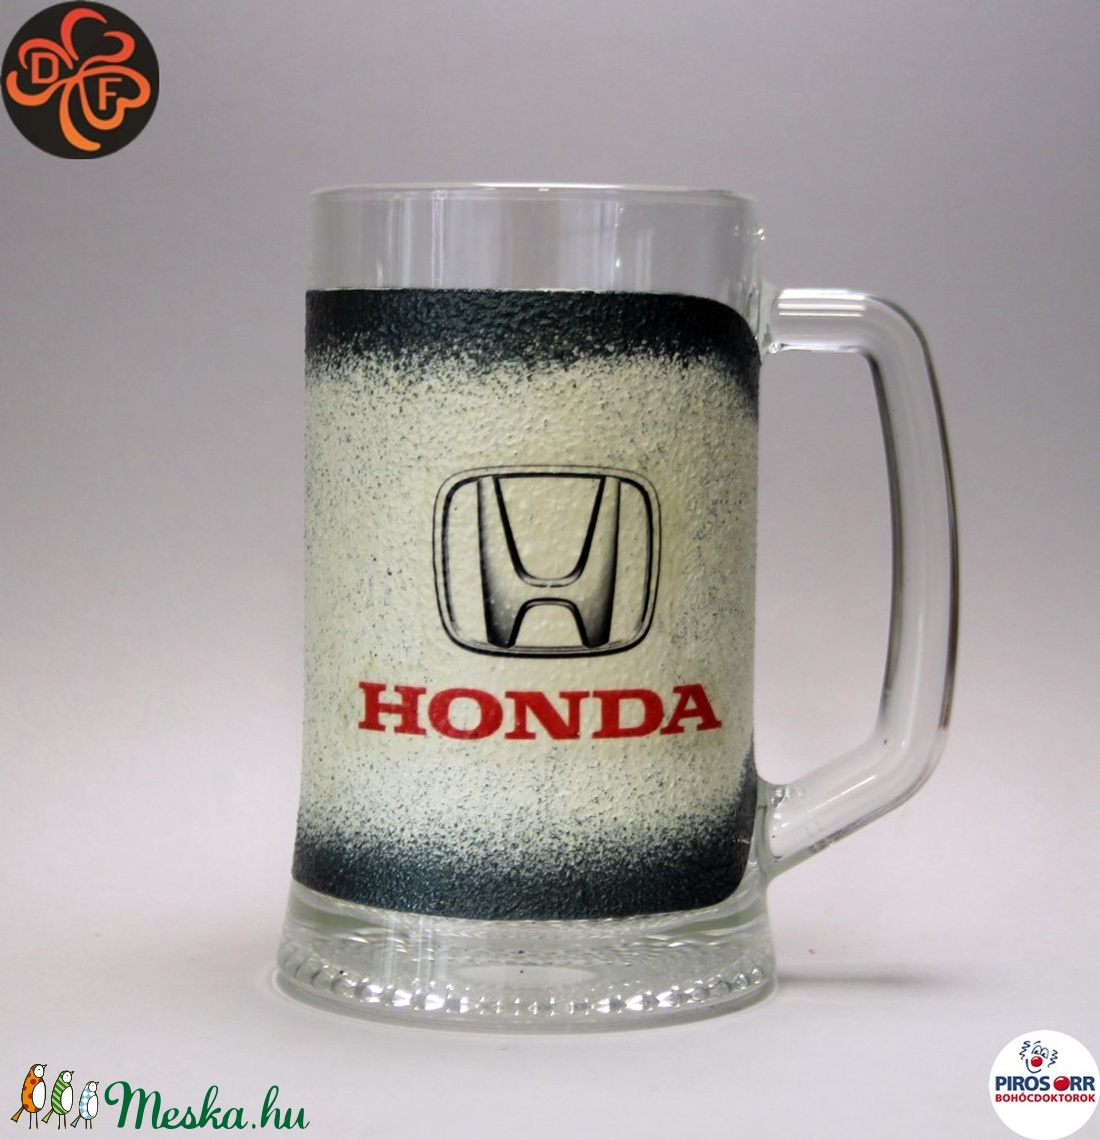 HONDA sörös korsó ; Saját Honda autód fotójával is elkészítjük ! (decorfantasy) - Meska.hu